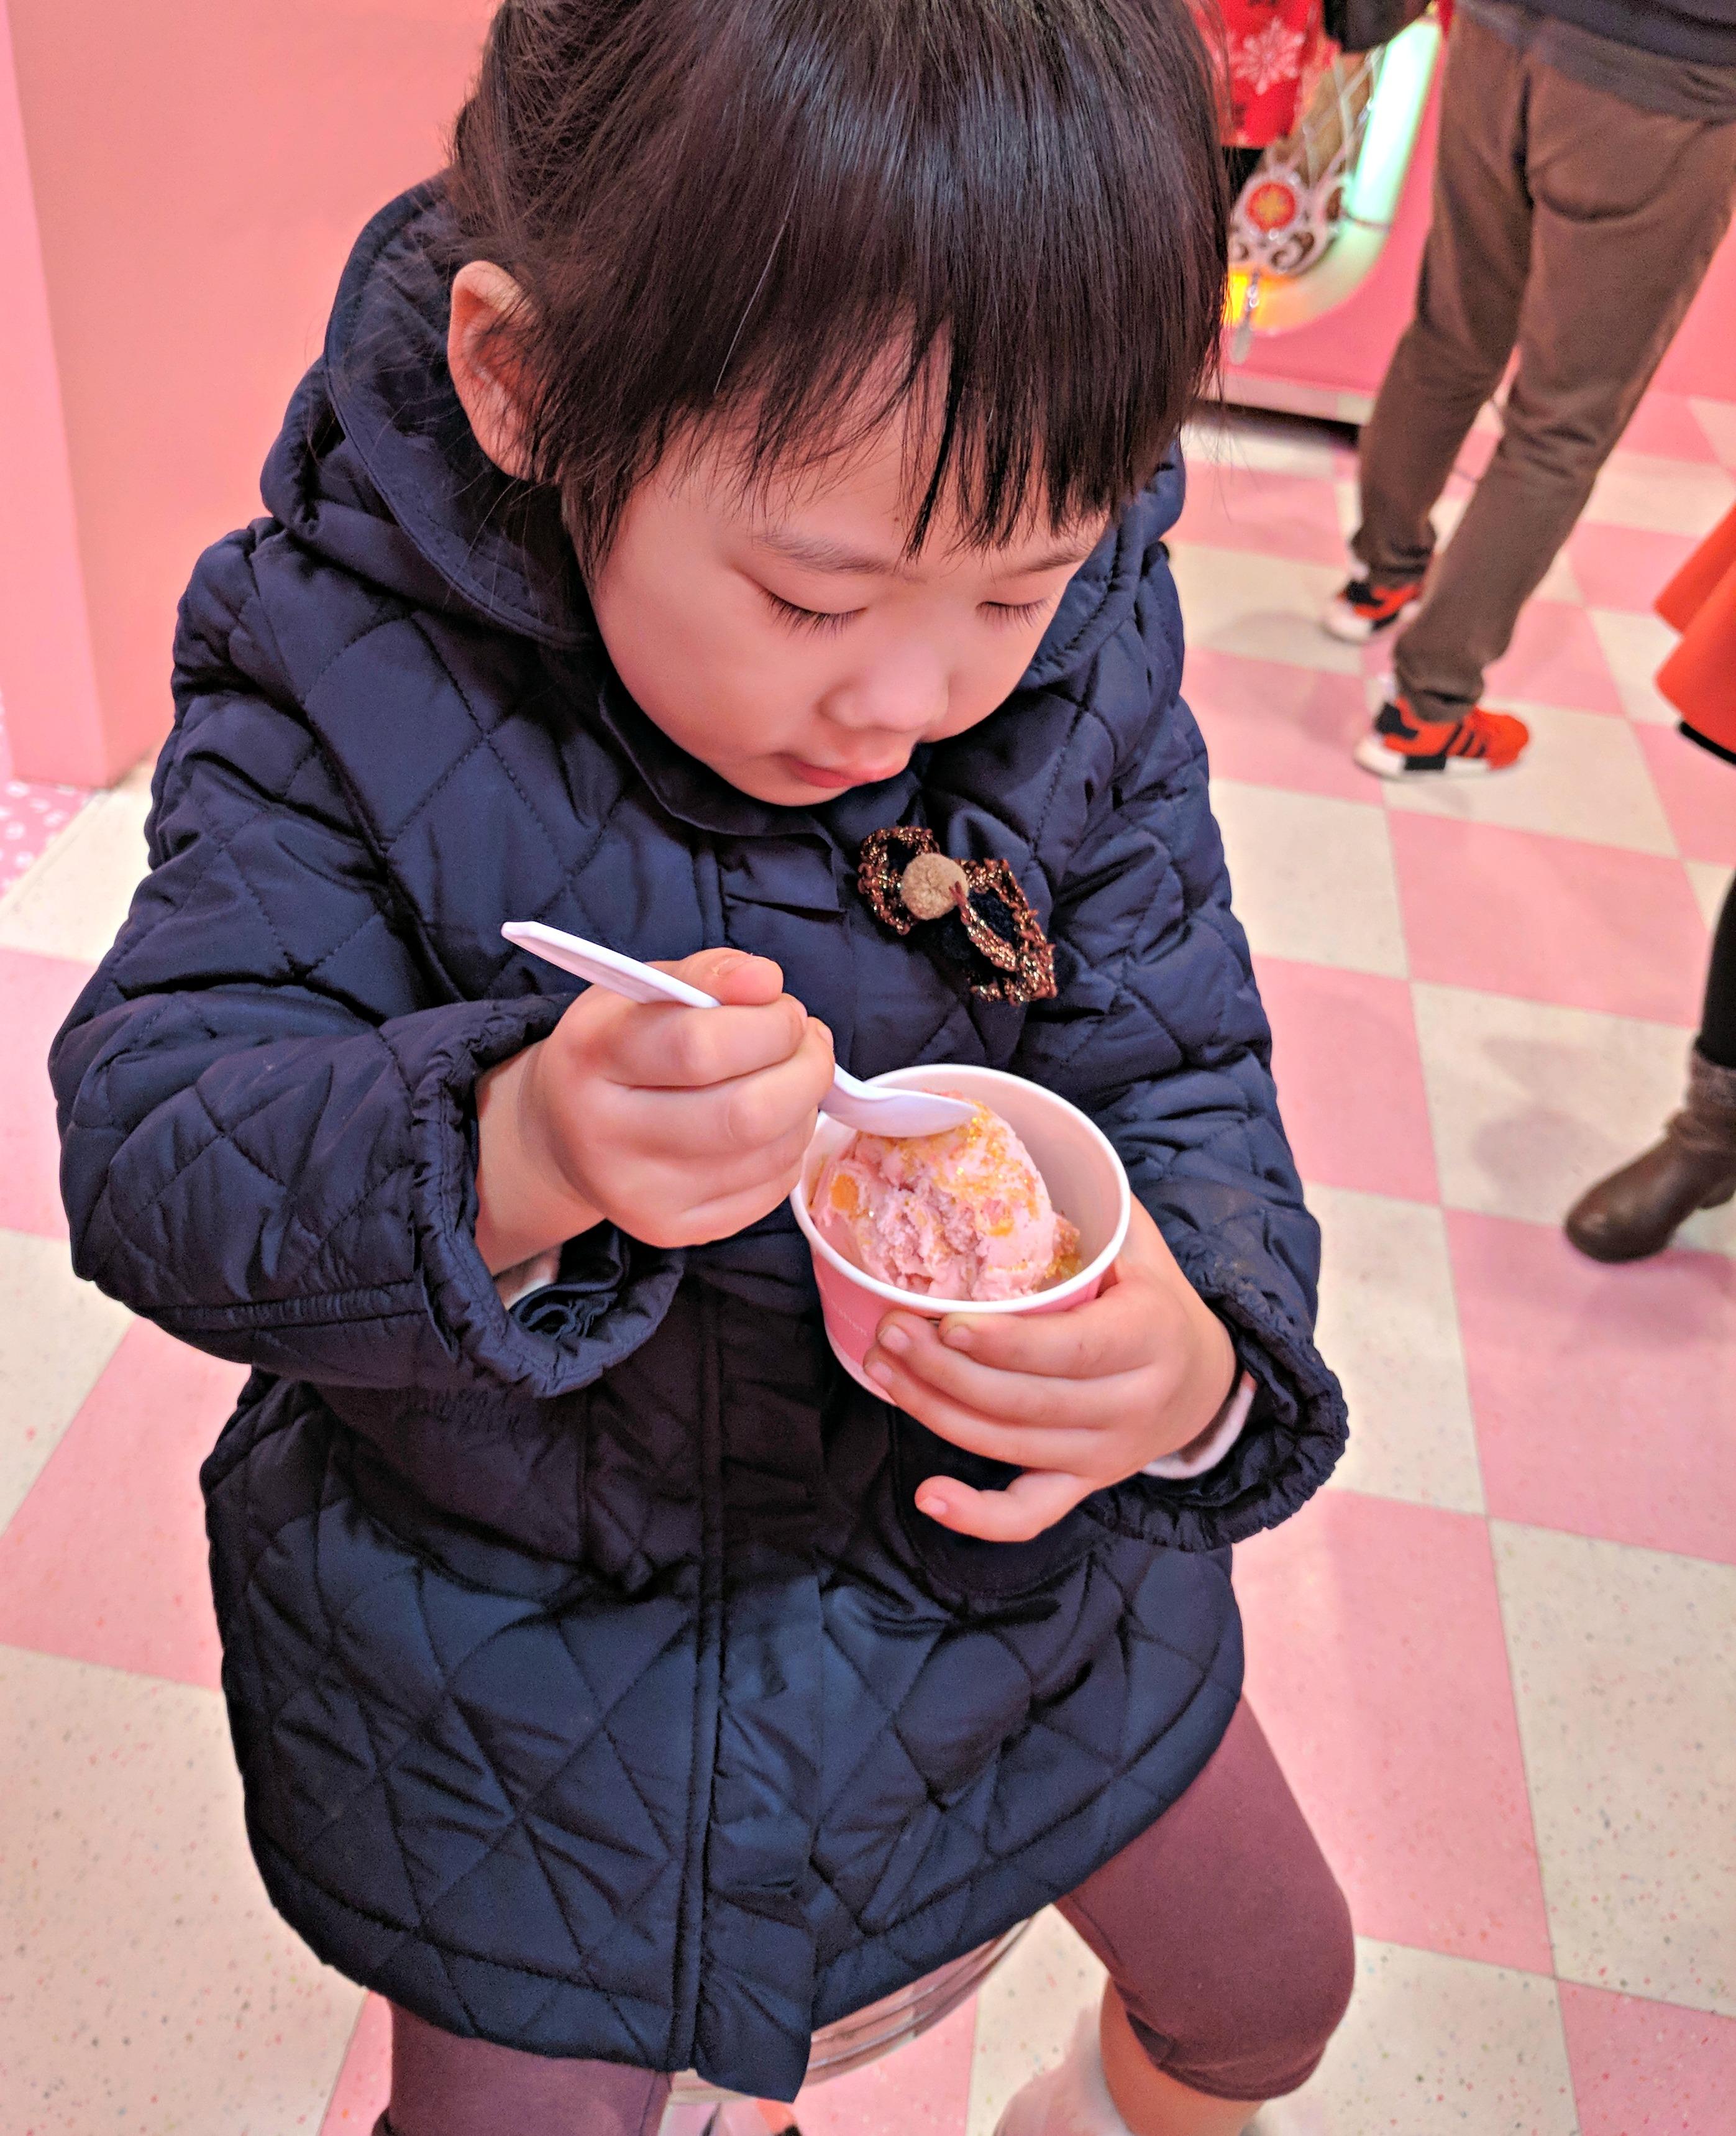 득템1: 복숭아 아이스크림